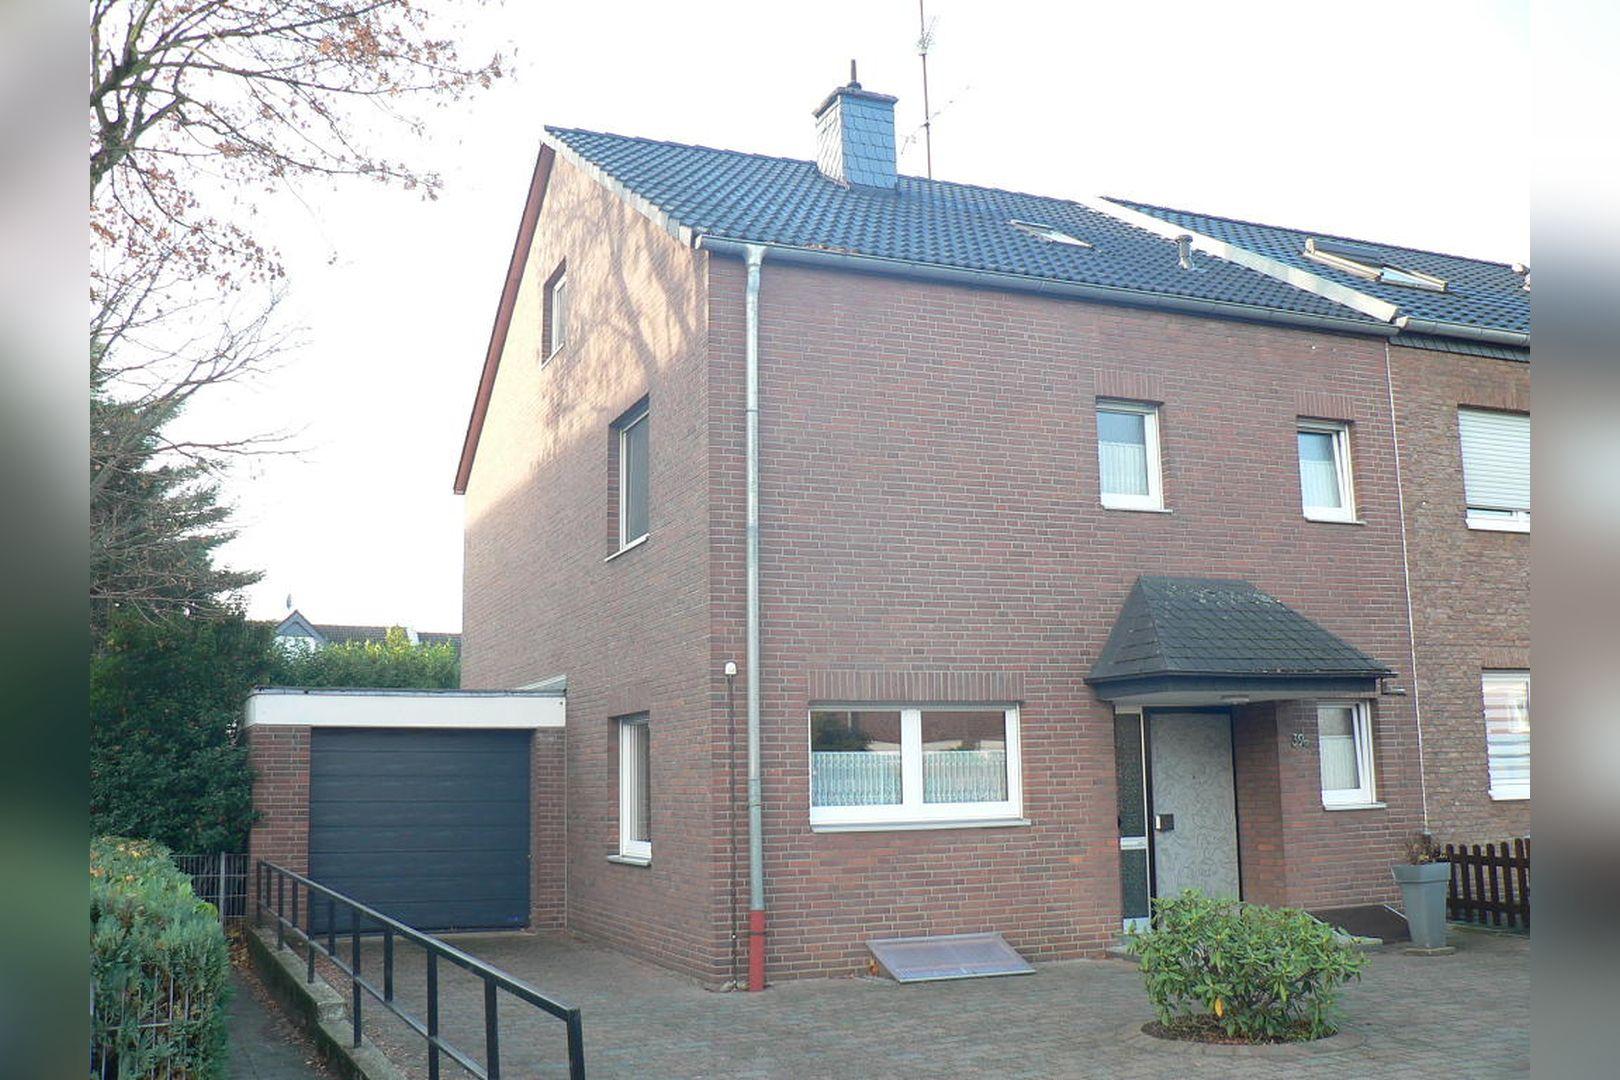 Immobilie Nr.0243 - Reihenendhaus 2-geschossig mit Vollkeller und Garage  - Bild 2.jpg